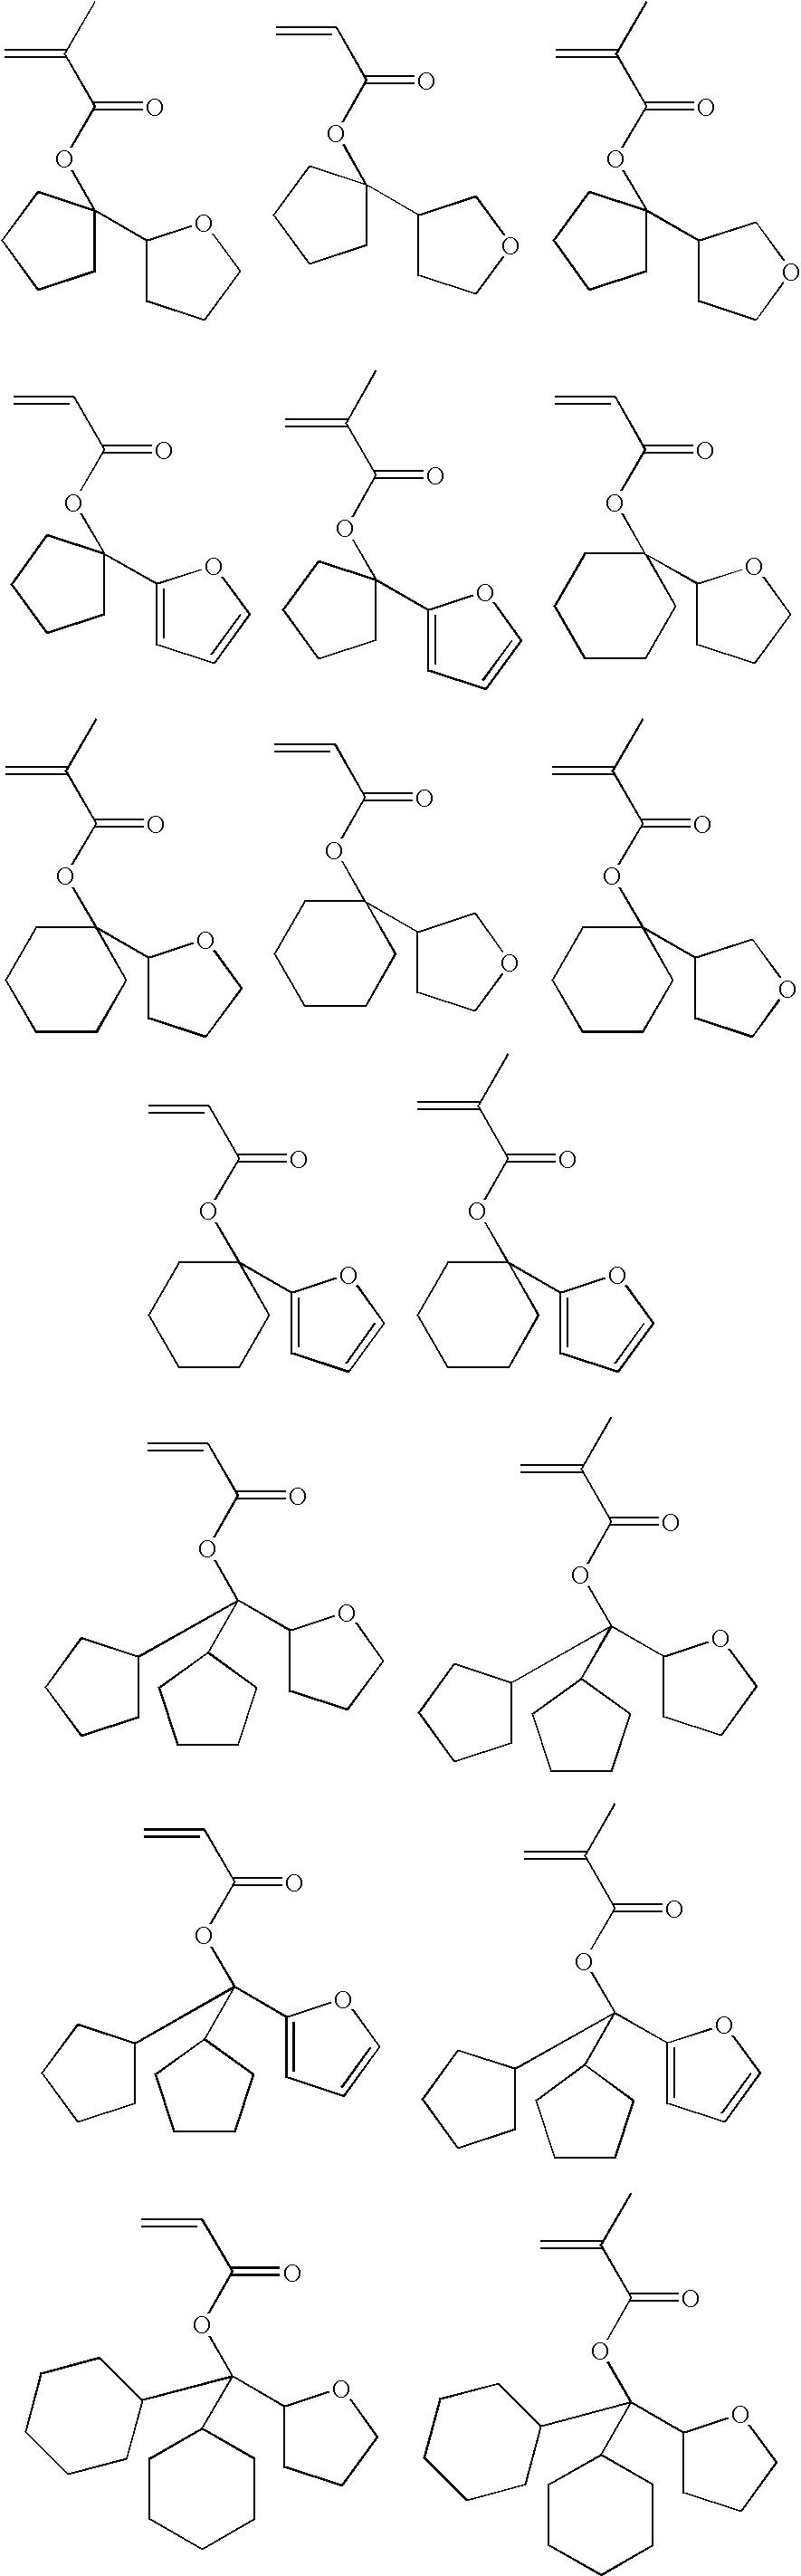 Figure US20100178617A1-20100715-C00028